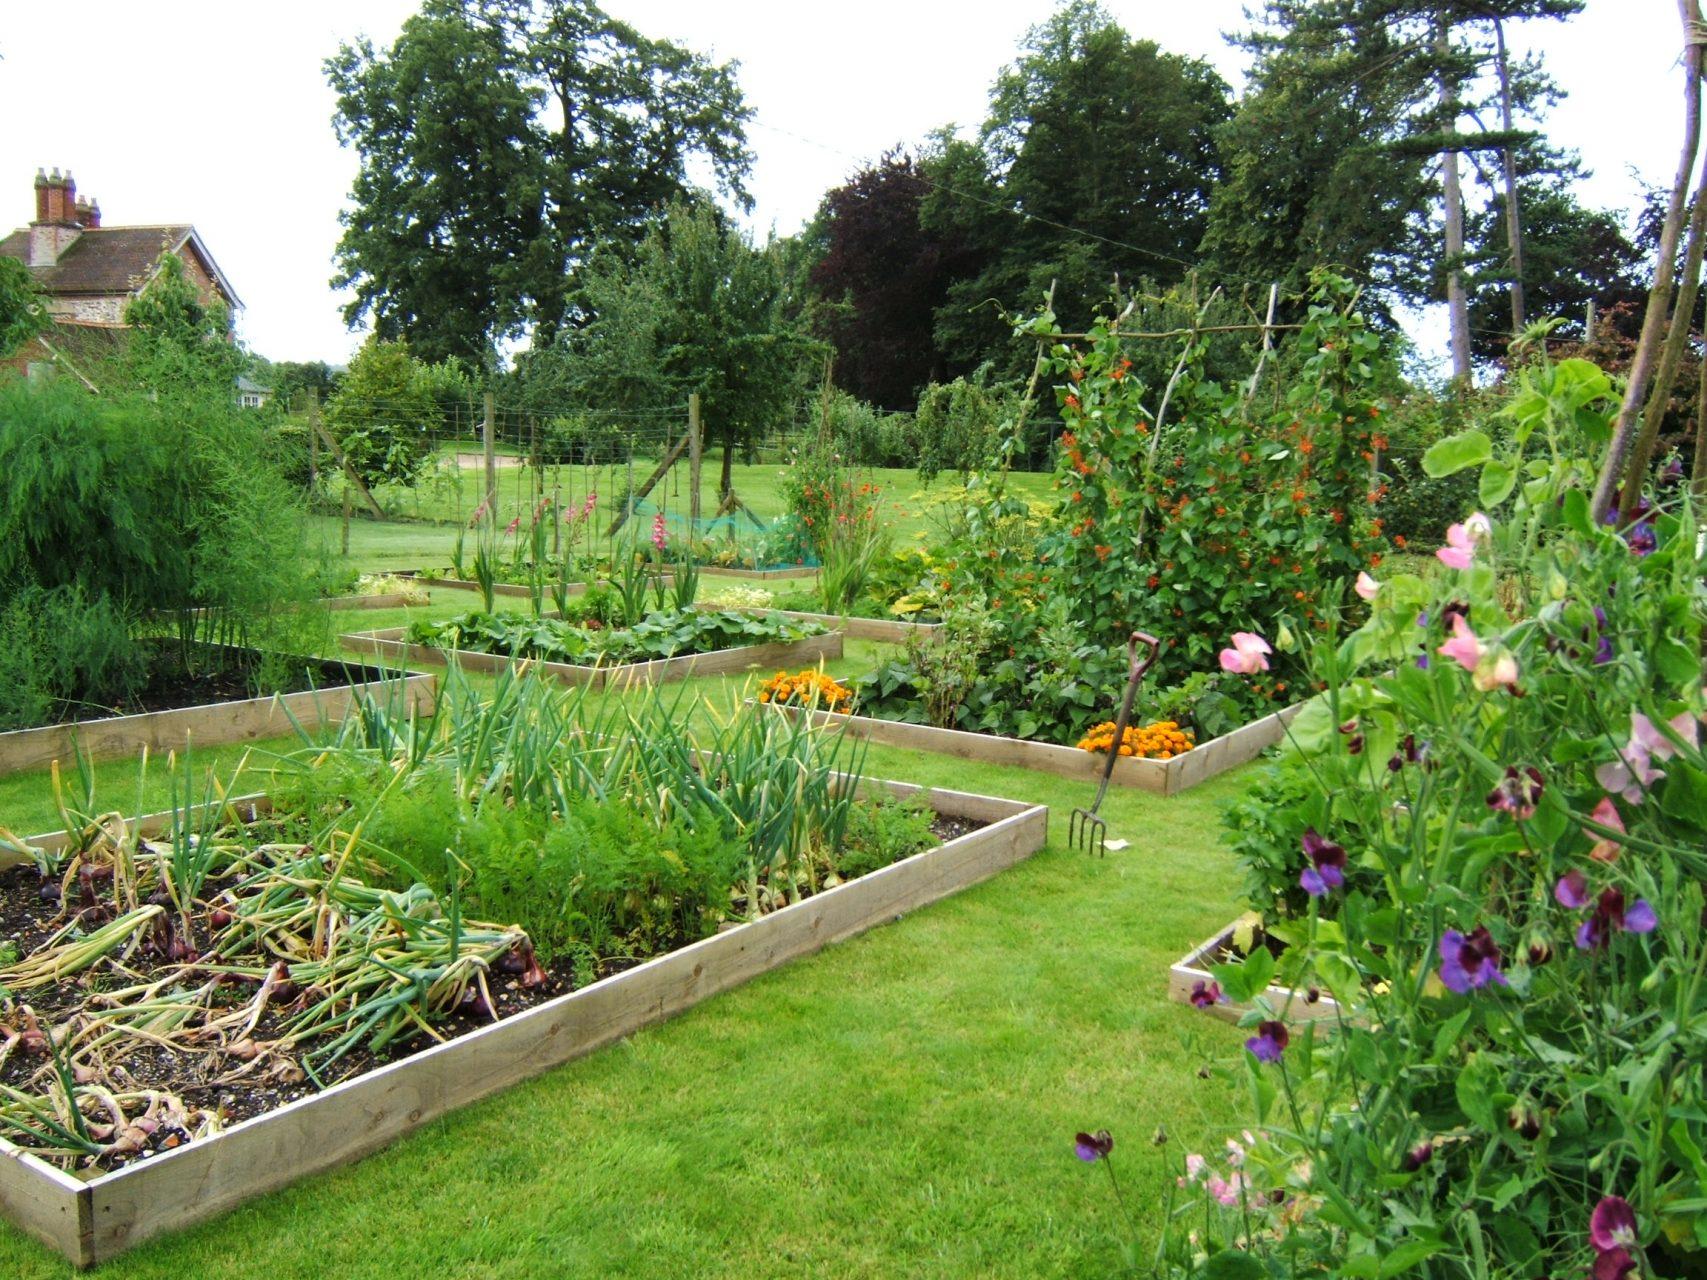 Kitchen vegetable gardens somerset melanie jackson for Kitchen vegetable garden plans